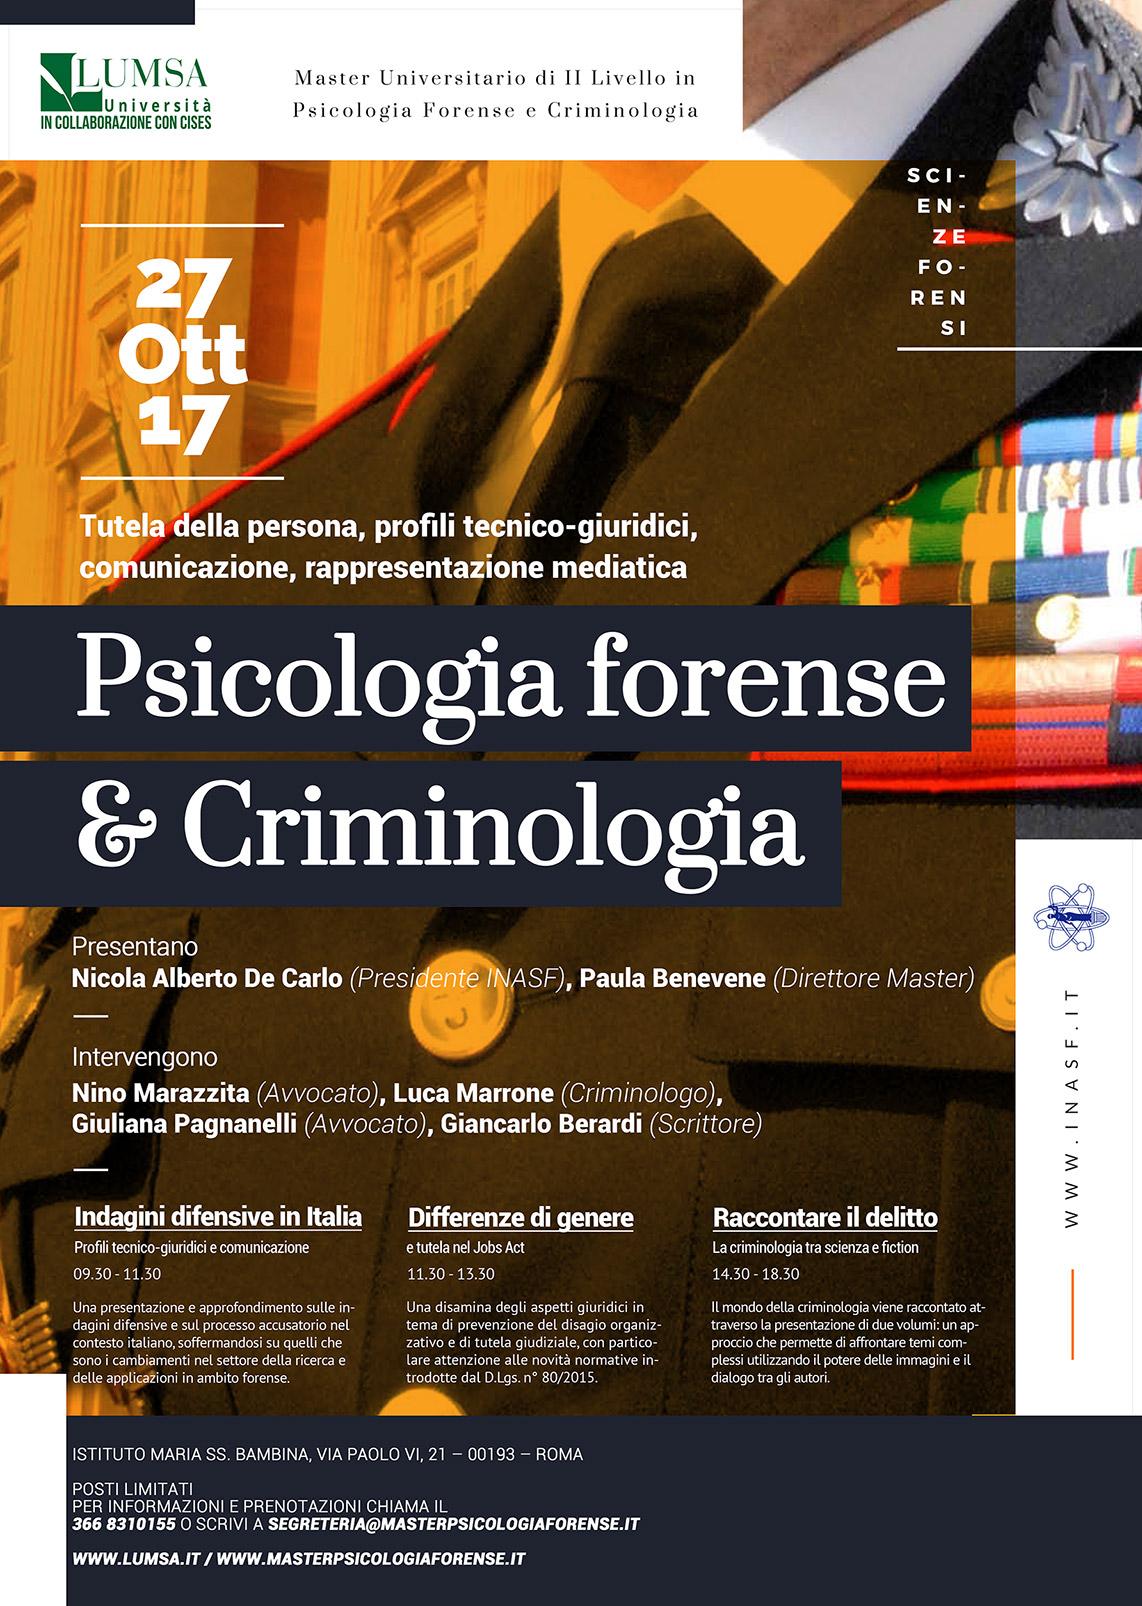 locandina open day 27 ottobre master psicologia forense e criminologia LUMSA